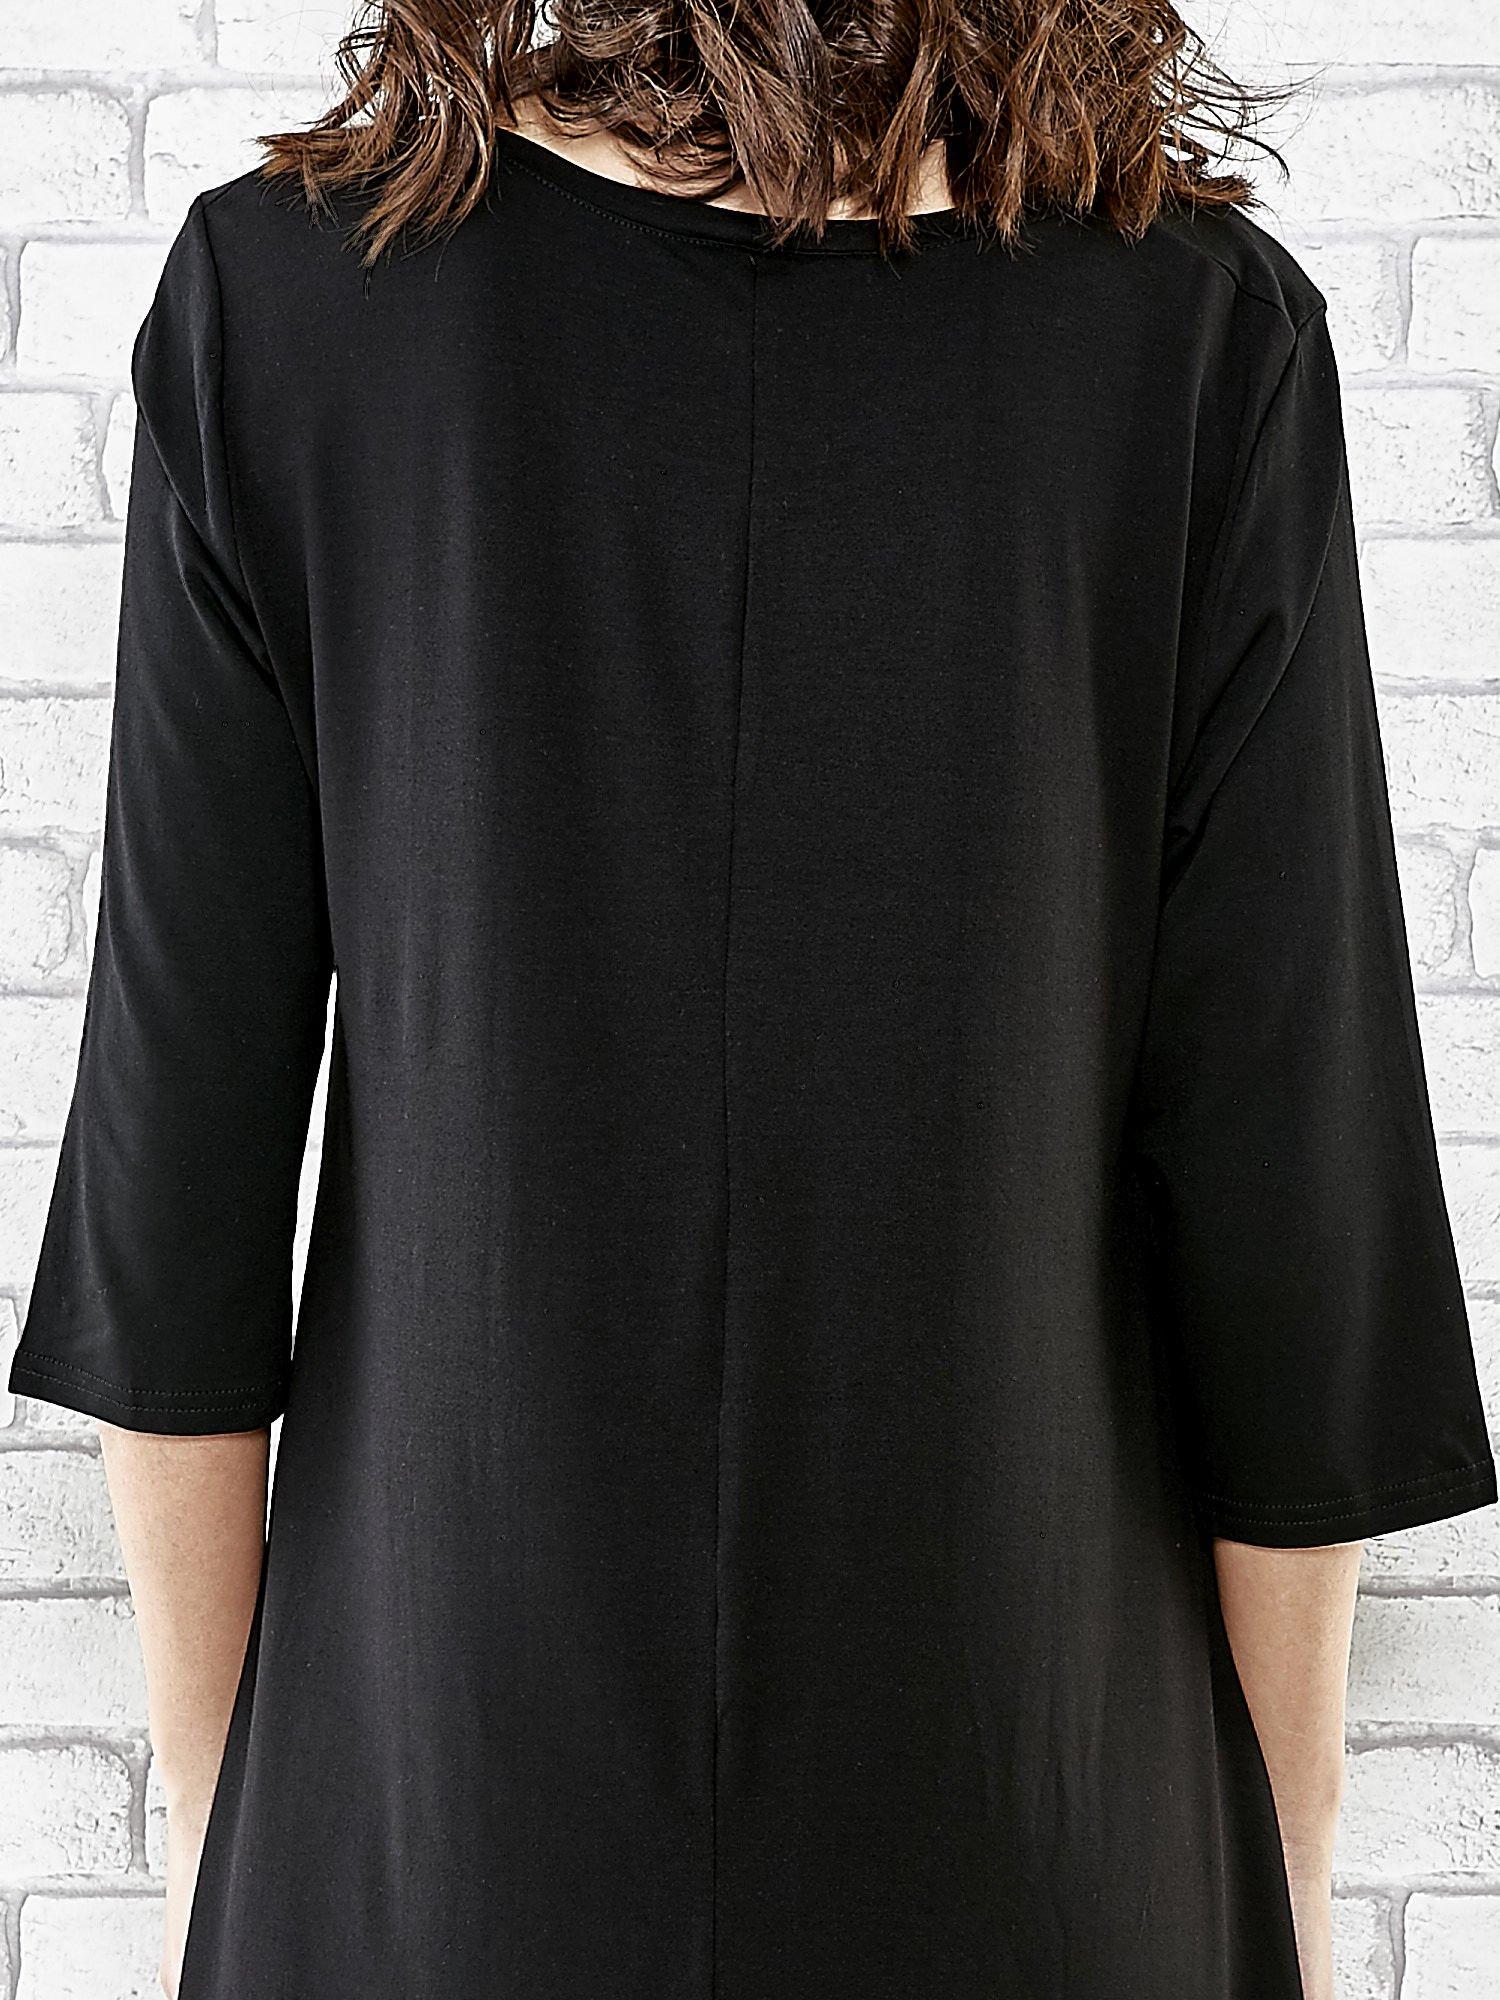 Czarna sukienka damska z nadrukiem kotów                                  zdj.                                  6